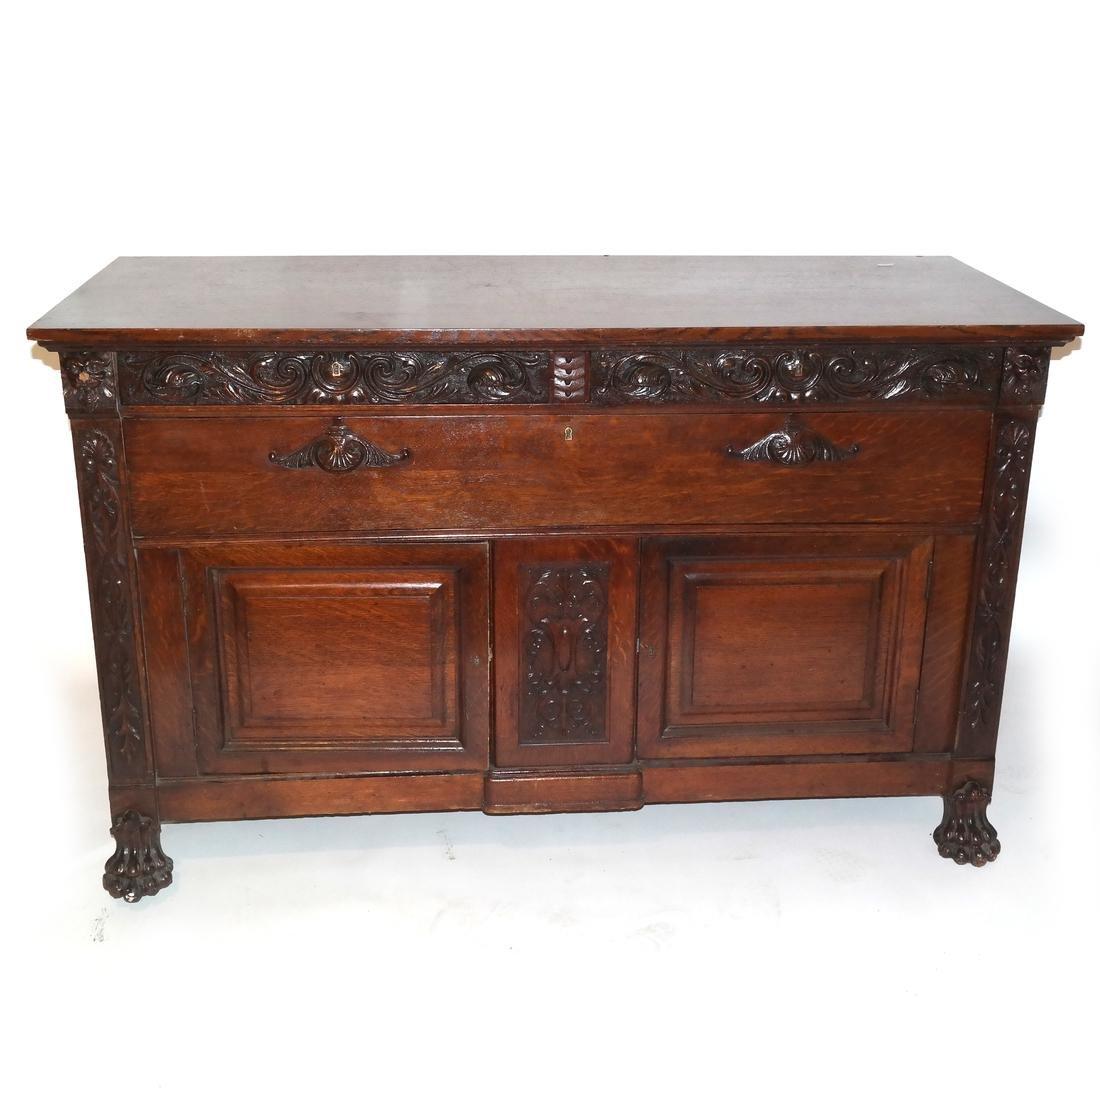 Antique Ornate Golden Oak Sideboard